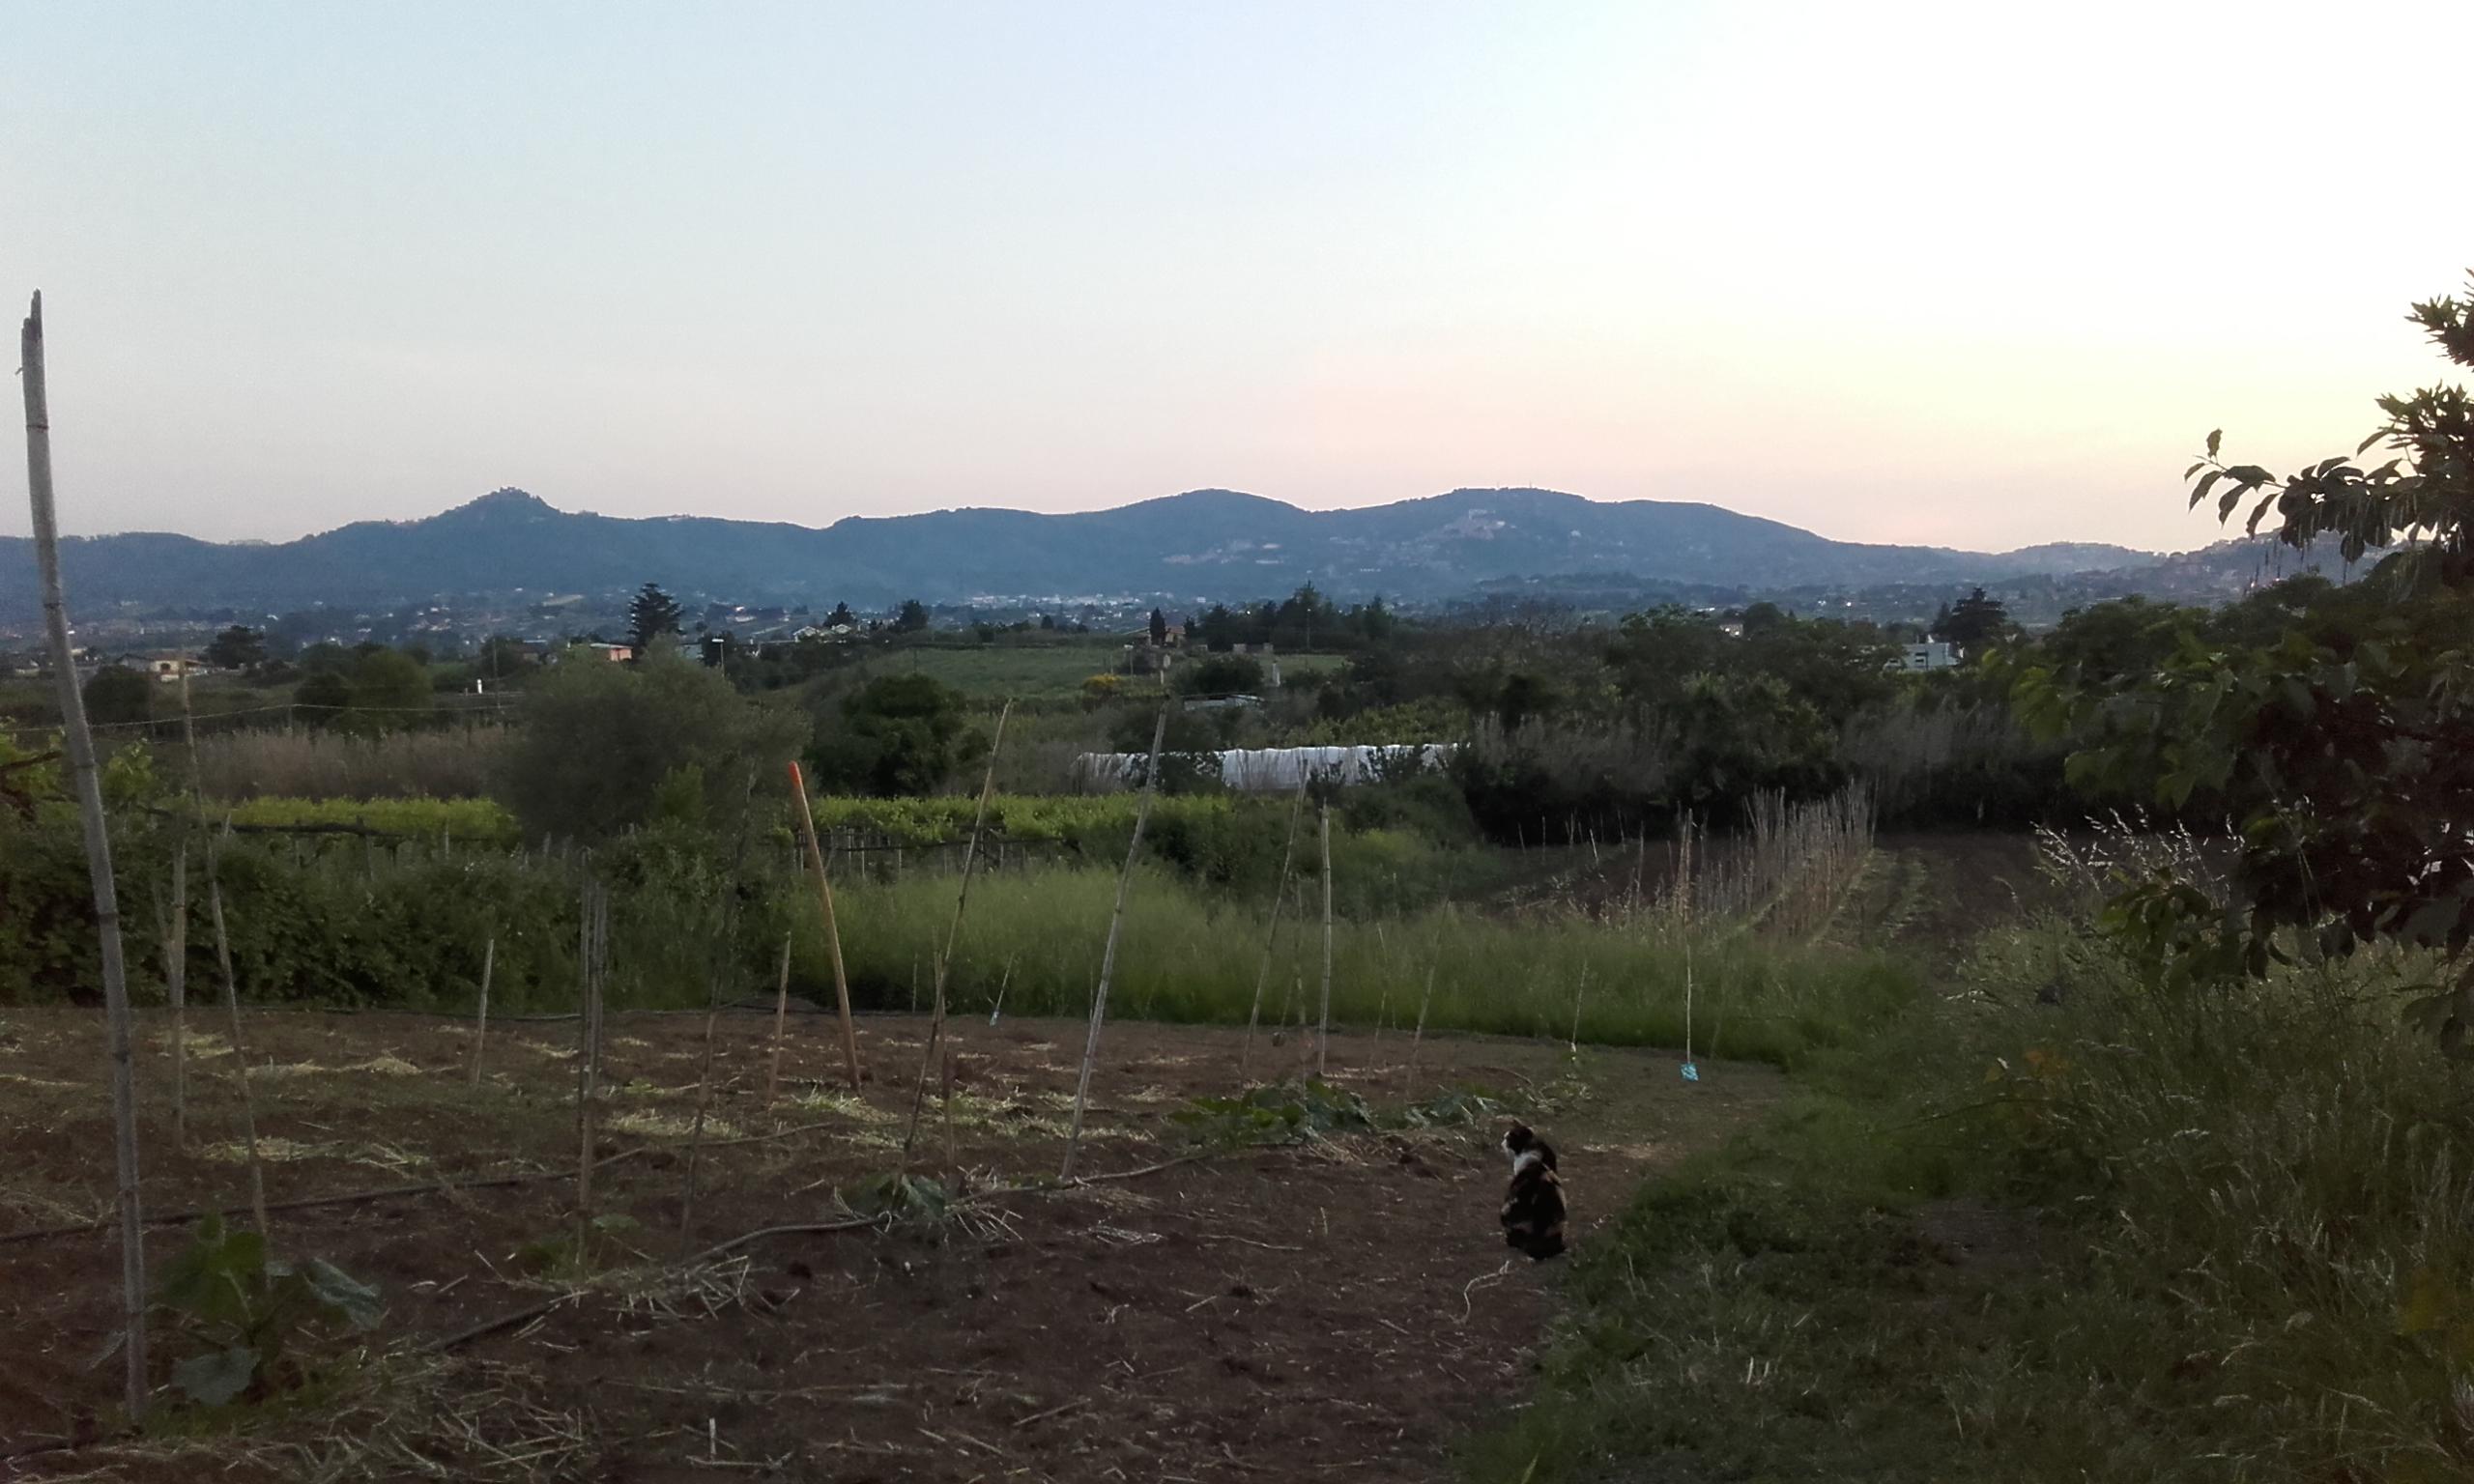 Un pequeño invitado en los terrenos de cultivo